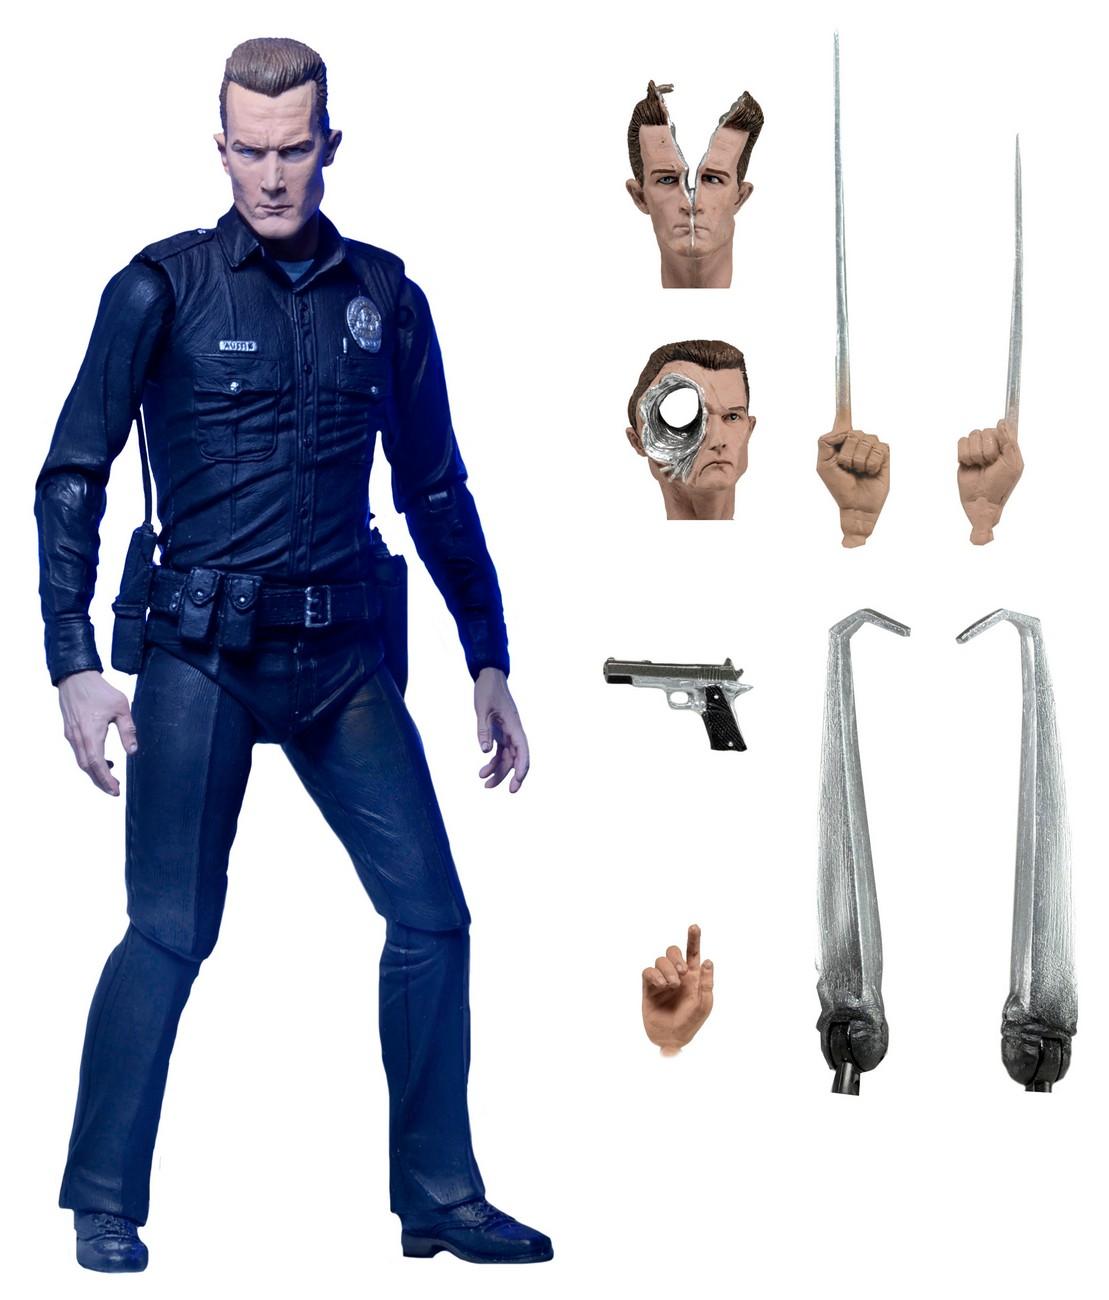 NECA Toys Reissues Terminator 2 Ultimate T-1000 Figure